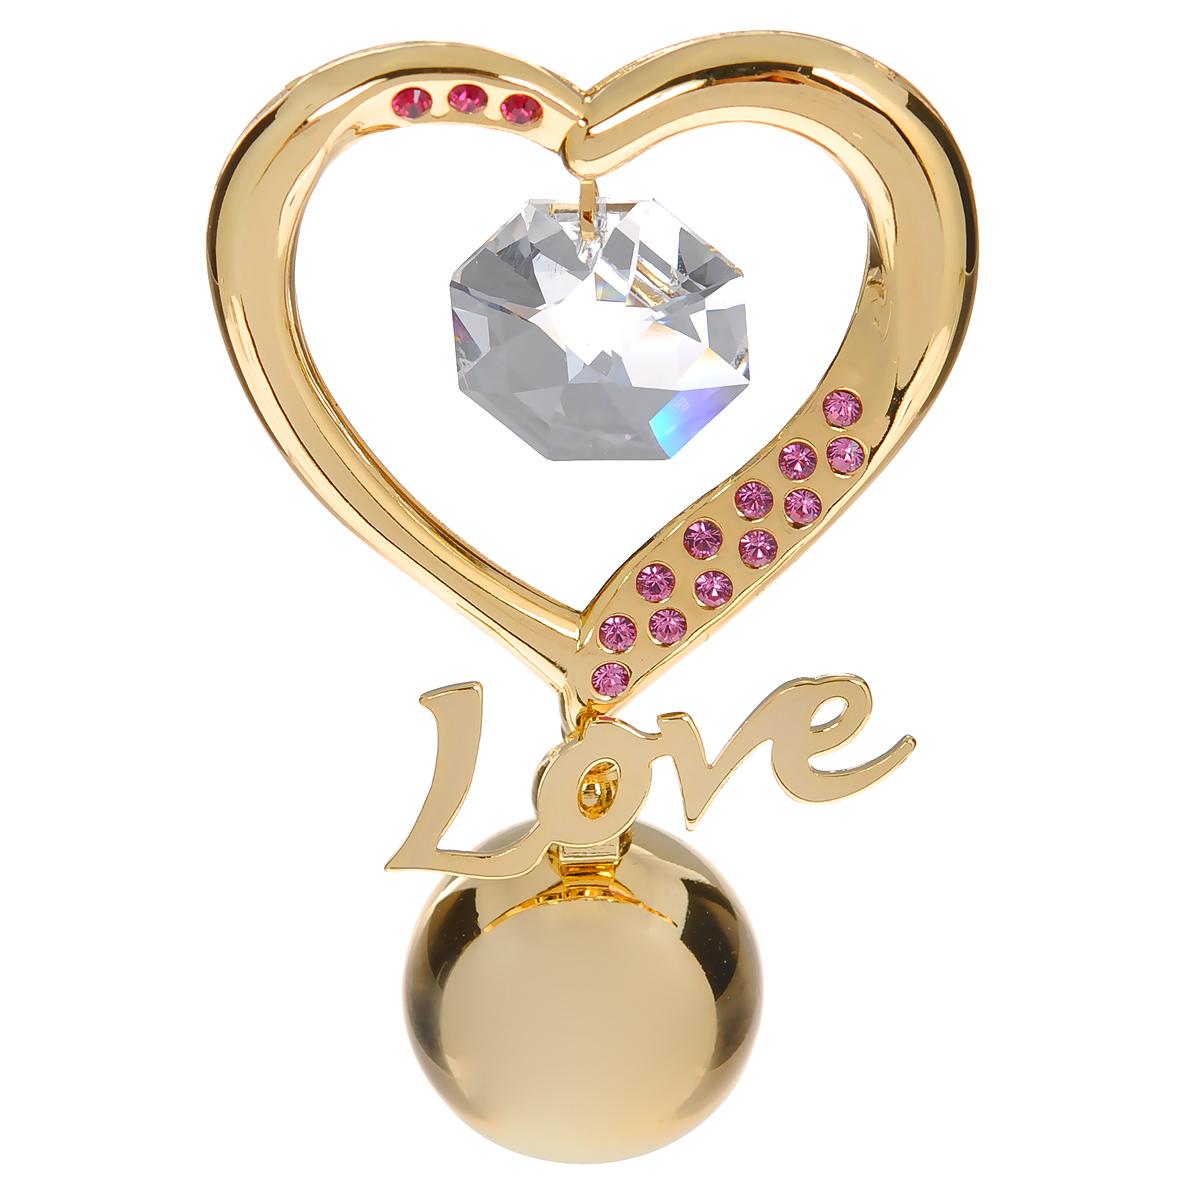 Фигурка декоративная Сердце, цвет: золотистый, розовый. 6719167191Притягательный блеск и невероятная утонченность декоративной фигурки Сердце великолепно дополнят интерьер и, несомненно, не останутся без внимания. Фигурка выполнена из металла с блестящим золотистым покрытием в виде сердечка на шаровидной подставке, украшена надписью Love и стразами и кристаллом Swarovski. Декоративная фигурка Сердце послужит прекрасным подарком ценителю изысканных и элегантных вещиц. Характеристики: Материал: металл, кристаллы Swarovski. Размер фигурки: 4 см х 0,5 см х 7,5 см. Цвет: золотистый, розовый. Артикул: 67191.